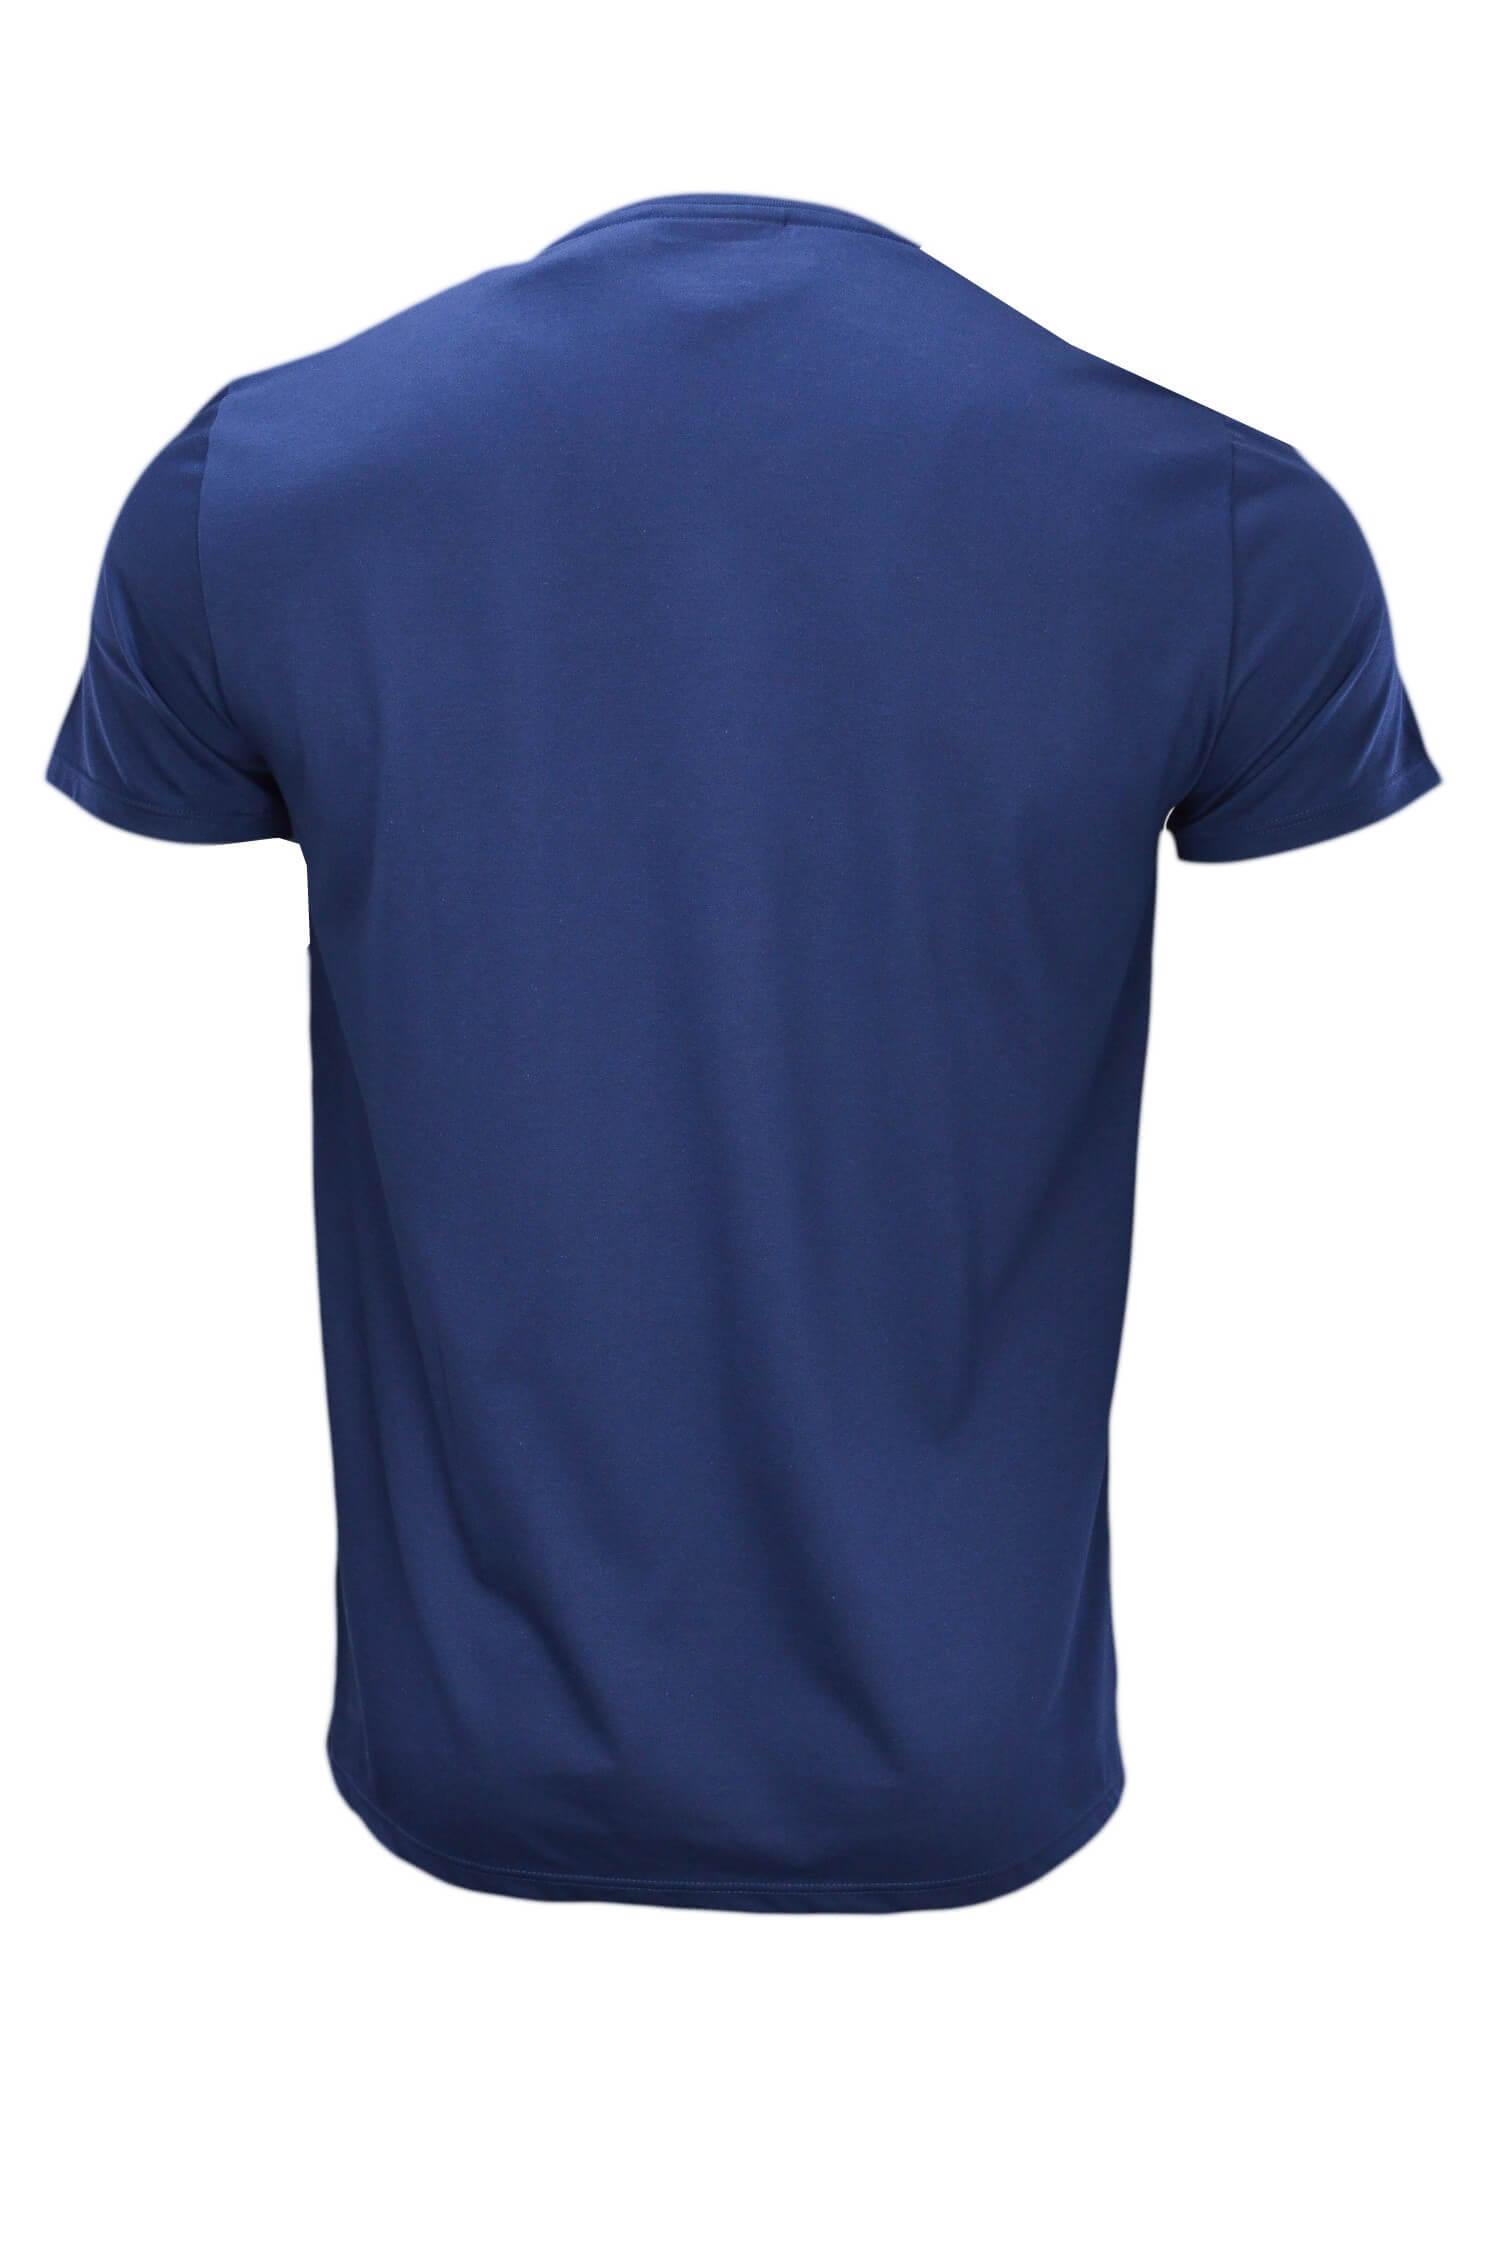 t shirt col v lacoste bleu marine pour homme toujours au. Black Bedroom Furniture Sets. Home Design Ideas